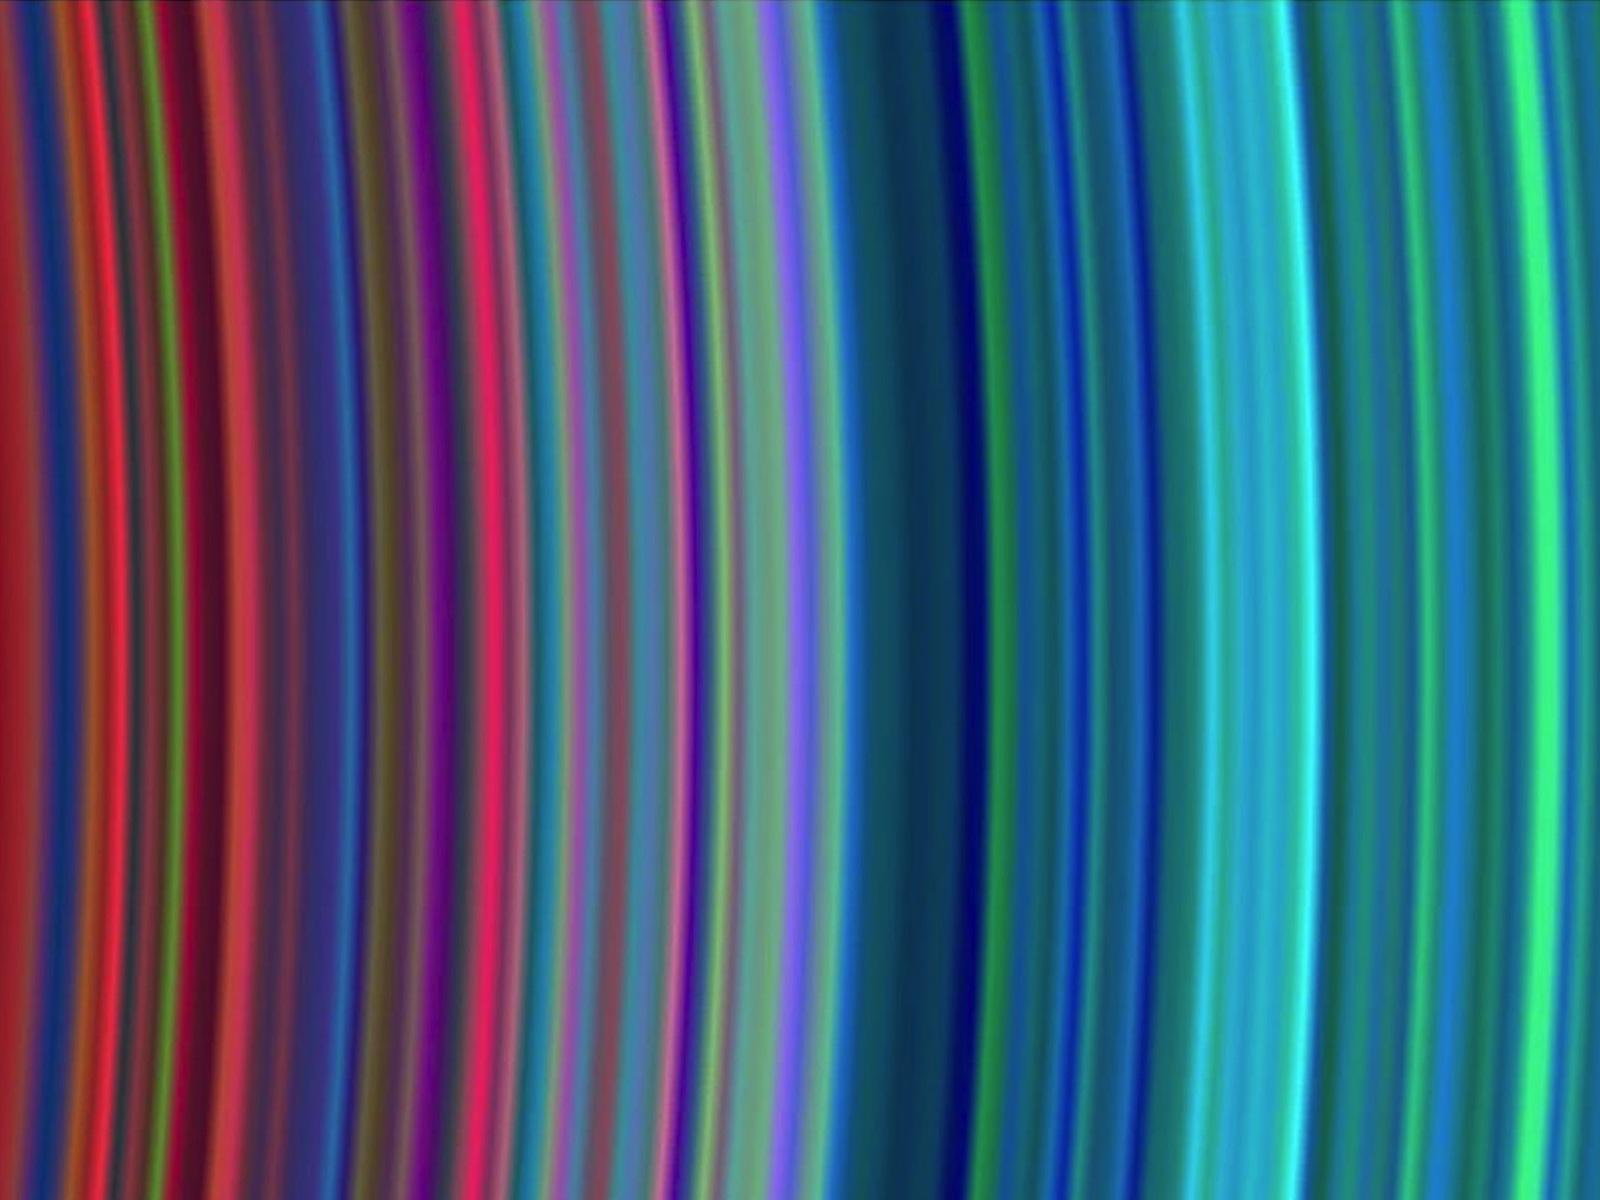 Rainbow Rings | Space Wallpaper